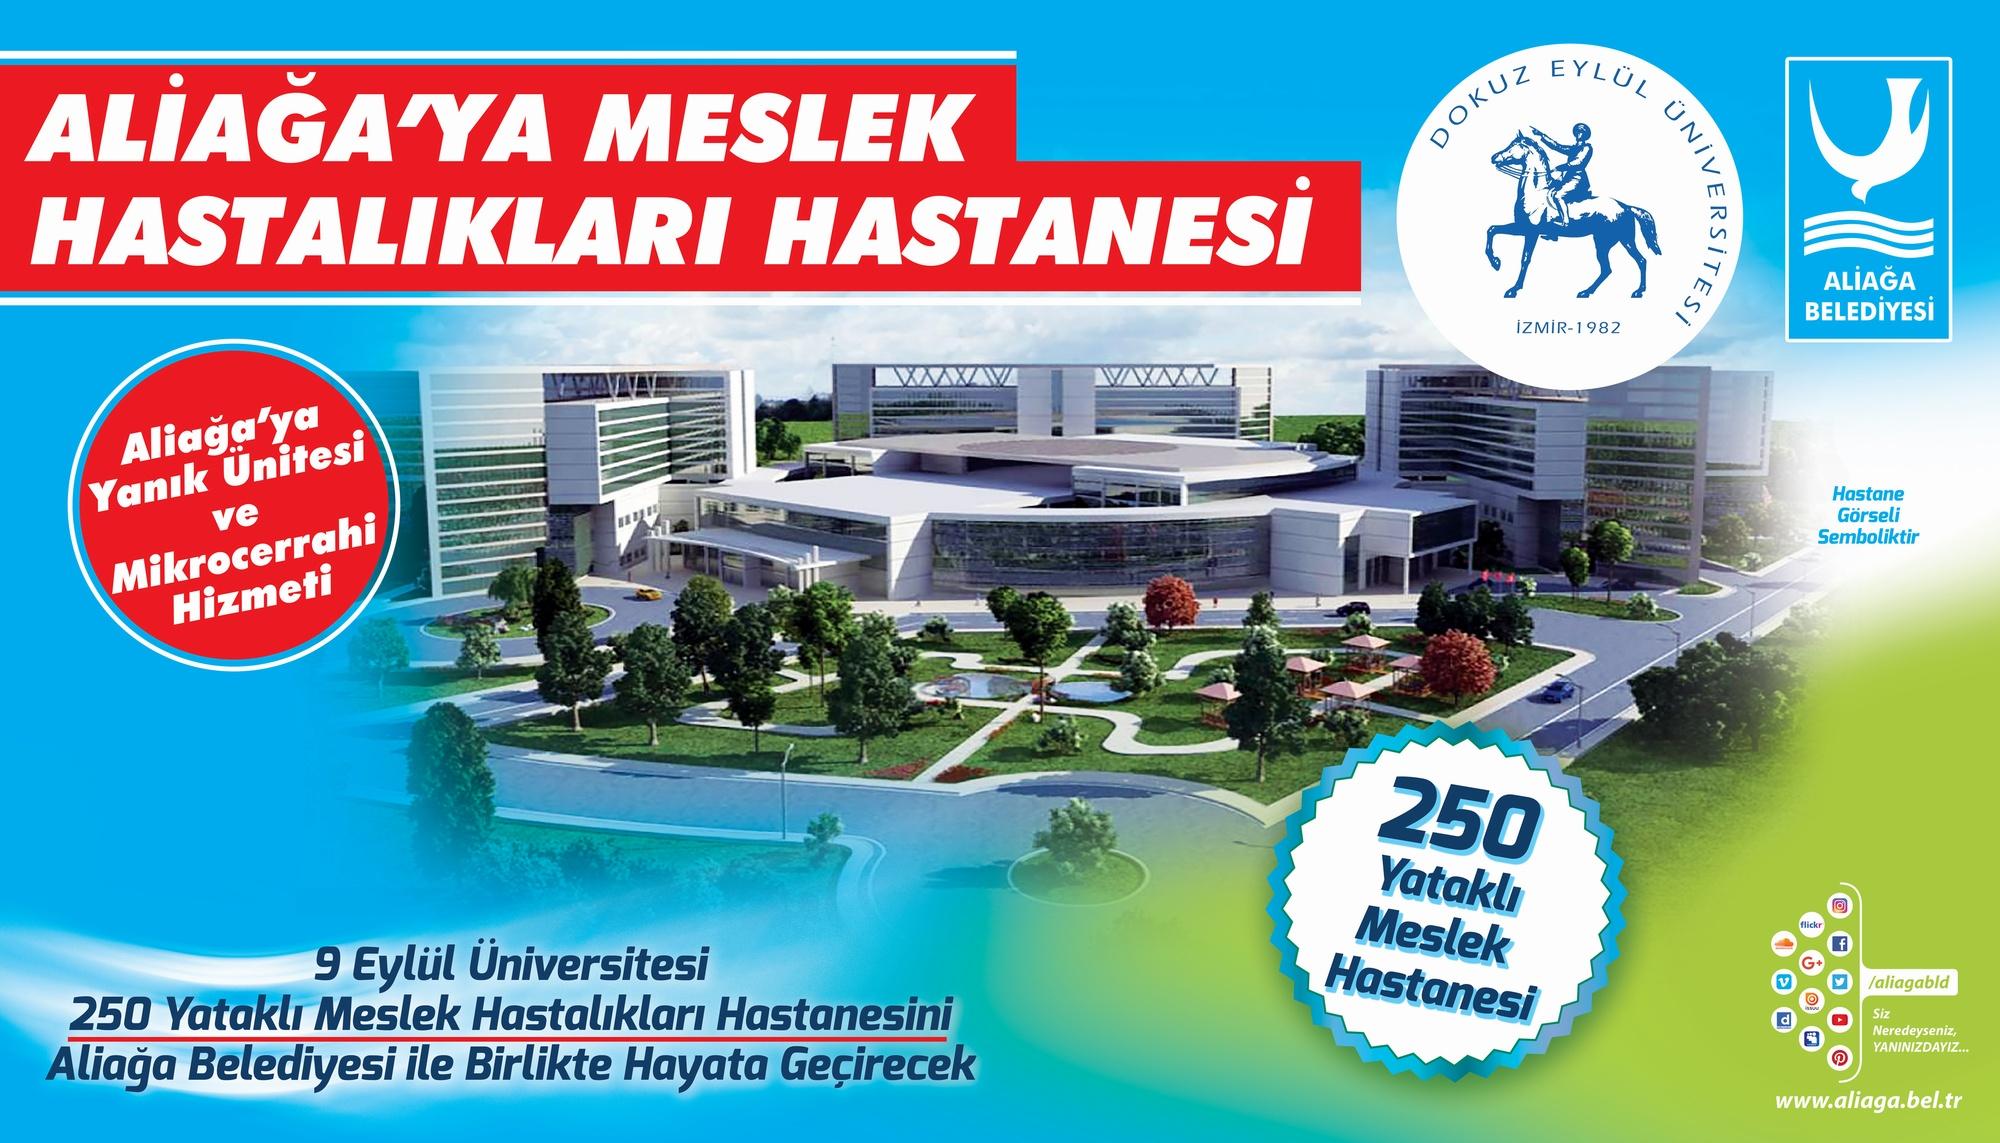 ALİAĞA MESLEK HASTALIKLARI HASTANESİ'NİN İMAR PLANLARI KESİNLEŞTİ..